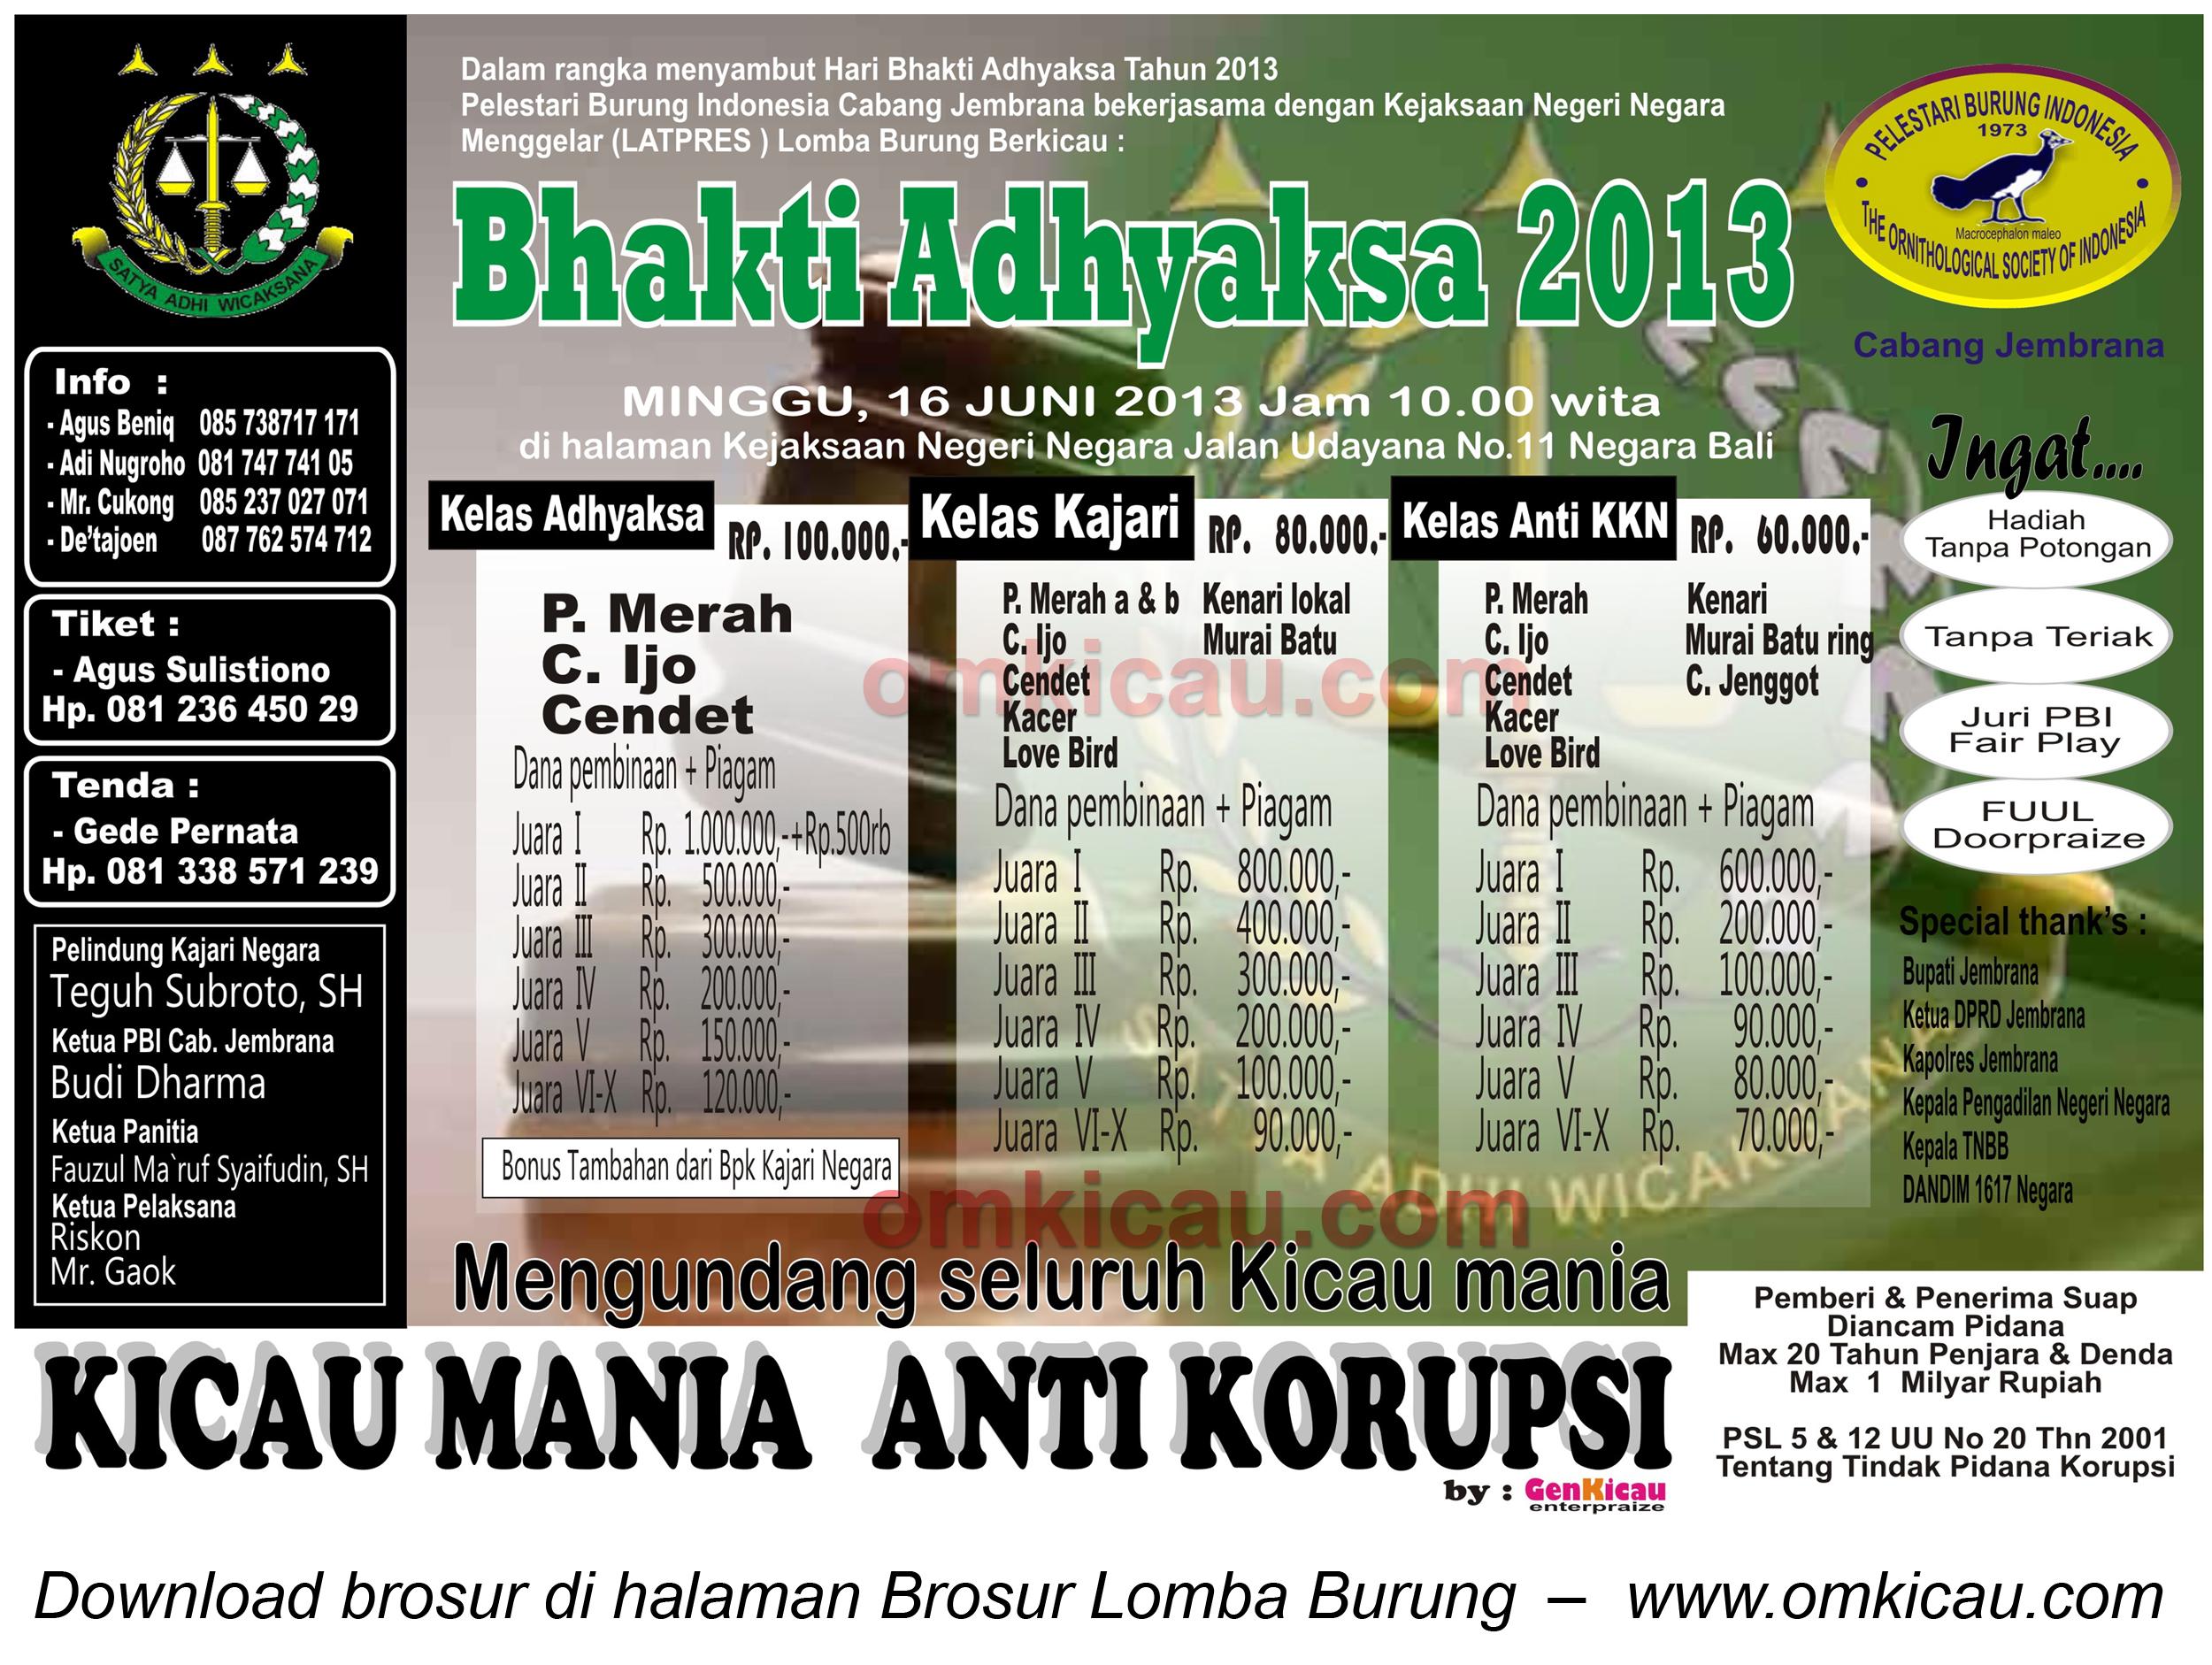 Brosur Lomba Bhakti Adhyasa Negara Bali 16 Juni 2013